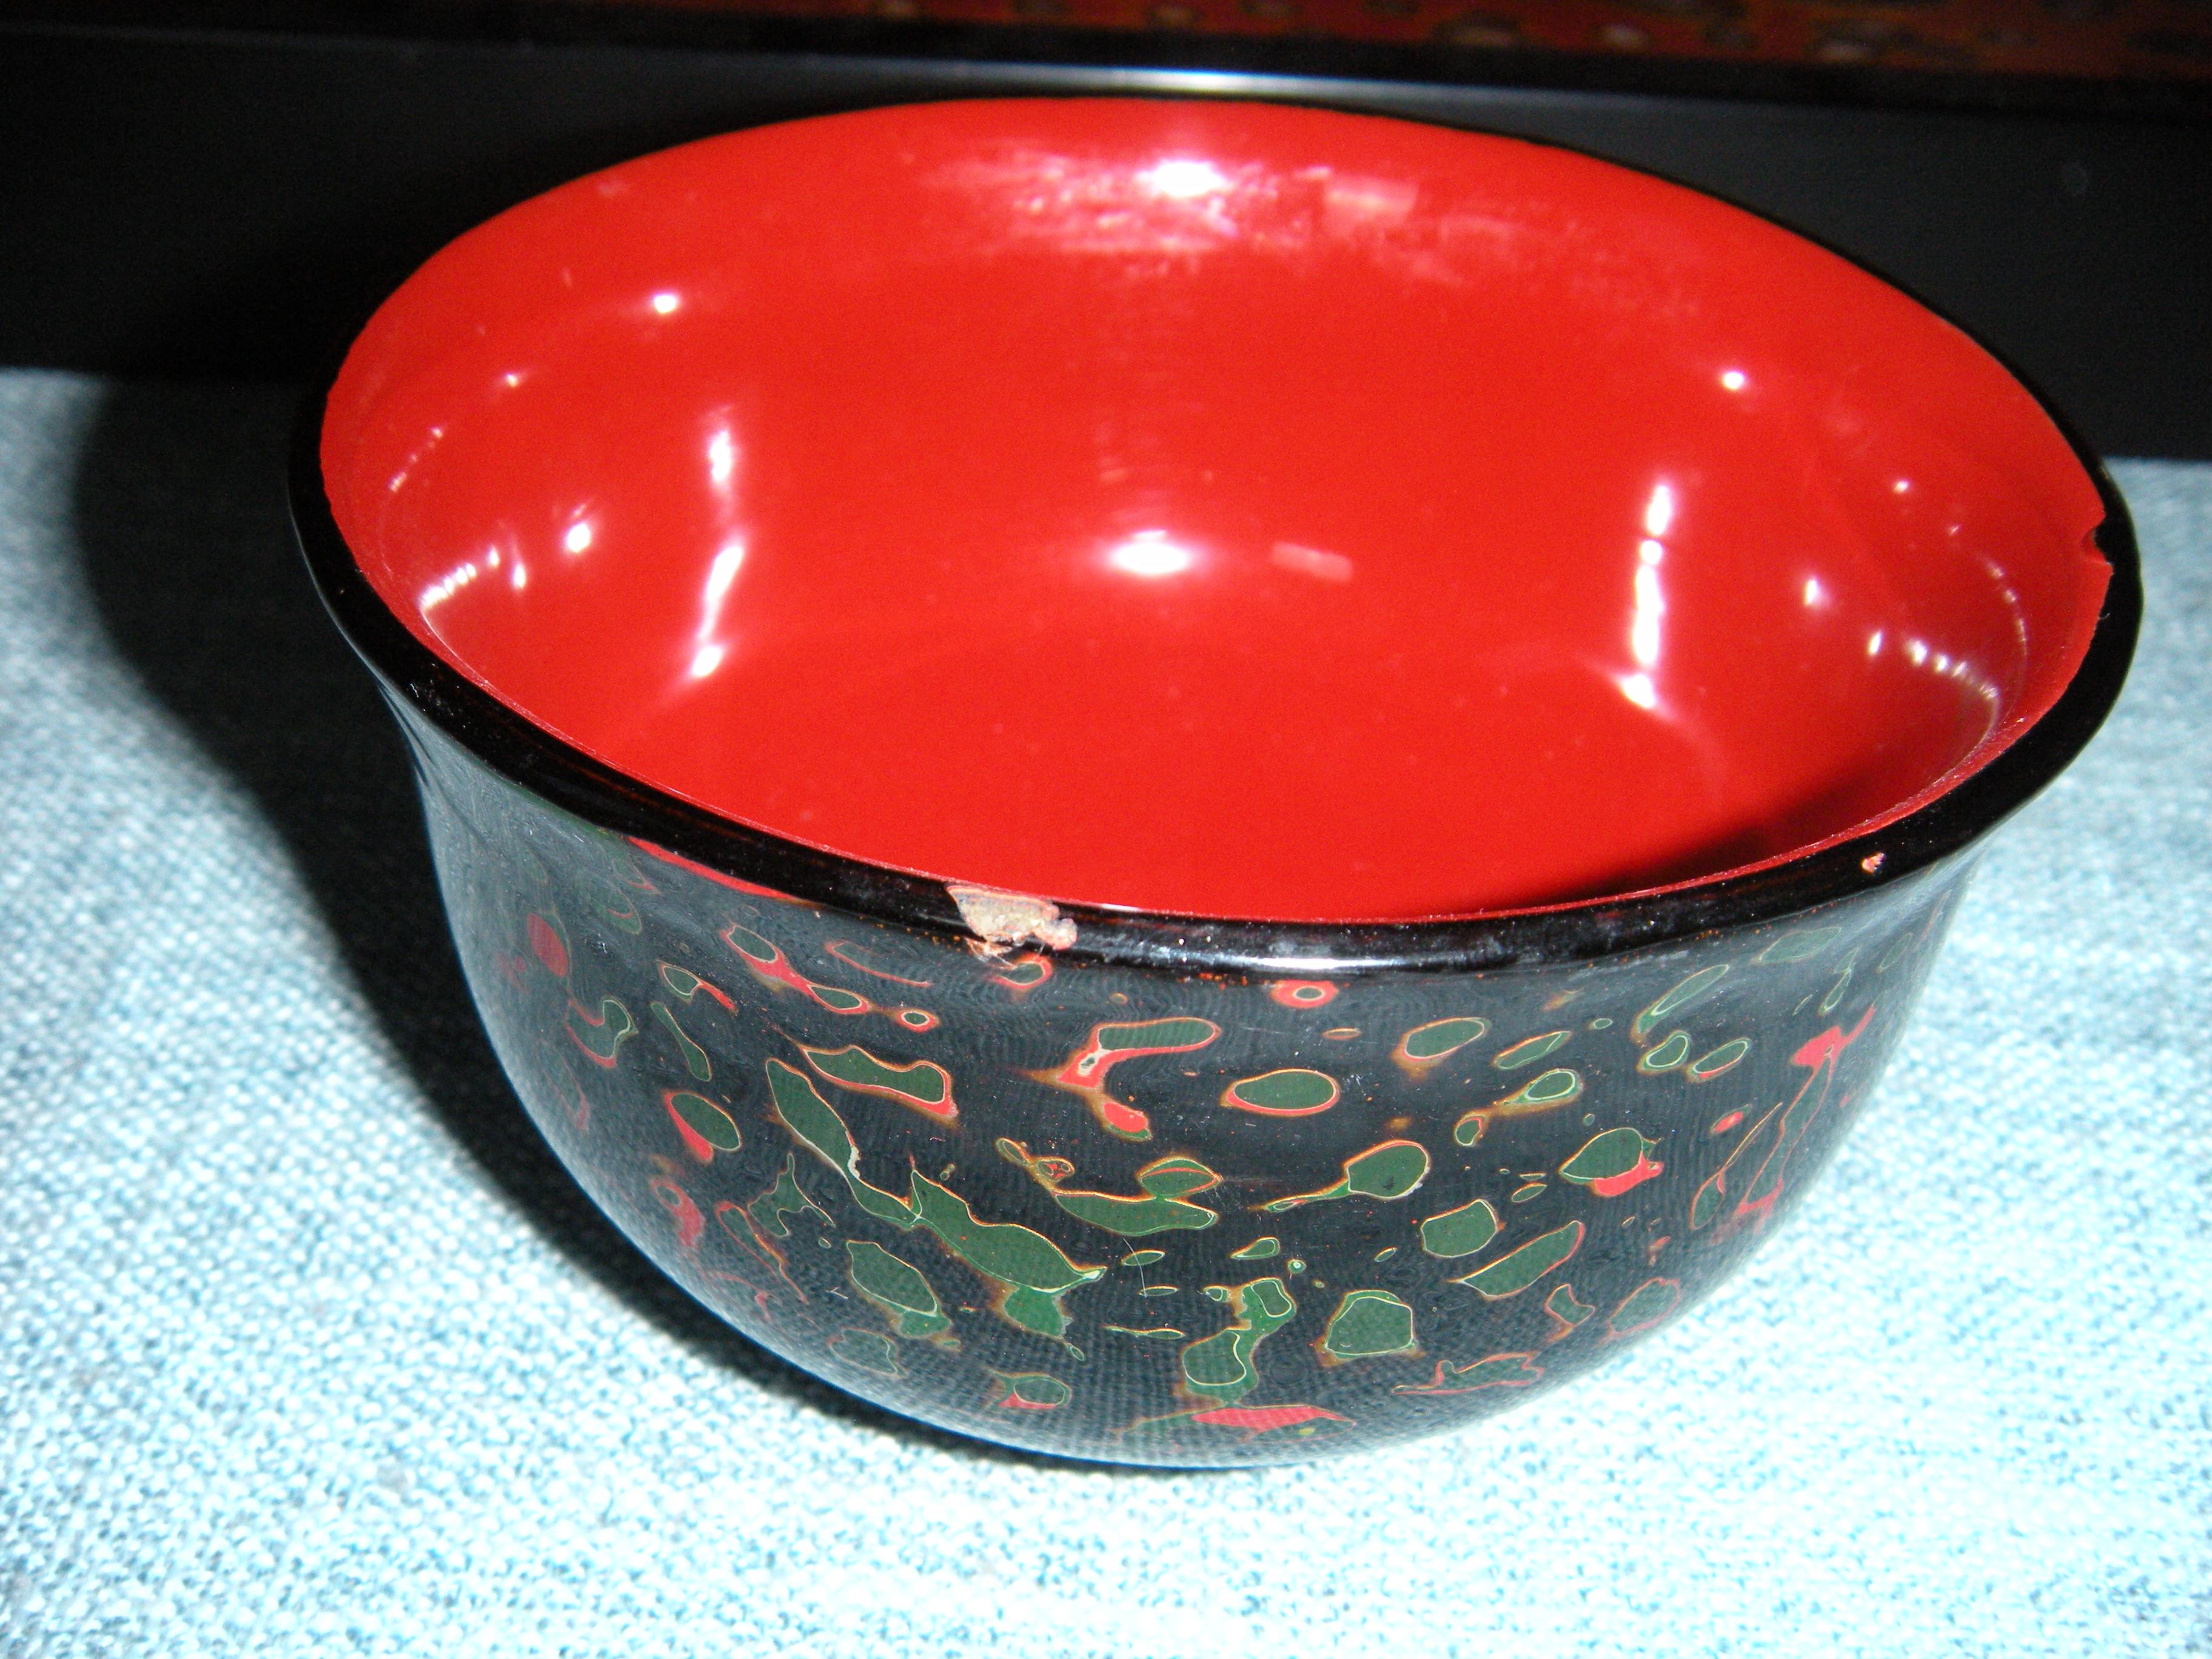 清仓*碰伤缺漆瑕疵木胎漆器绿虫碗/随机发货以收到实物为准